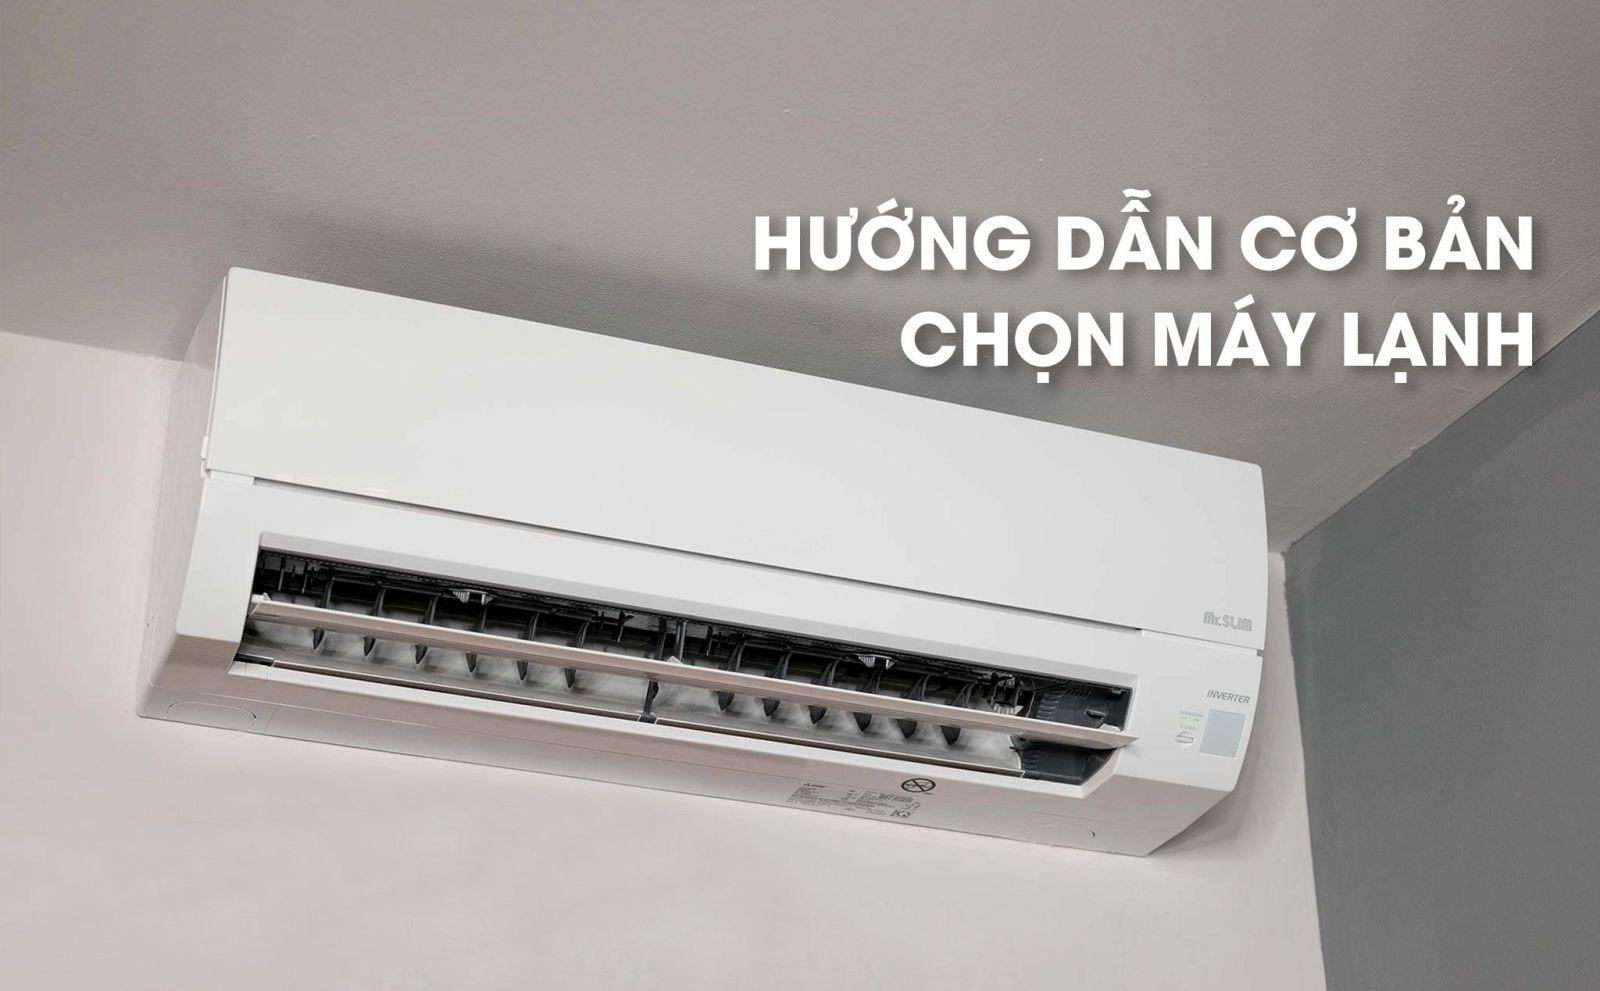 tieu-chi-lua-chon-may-lanh